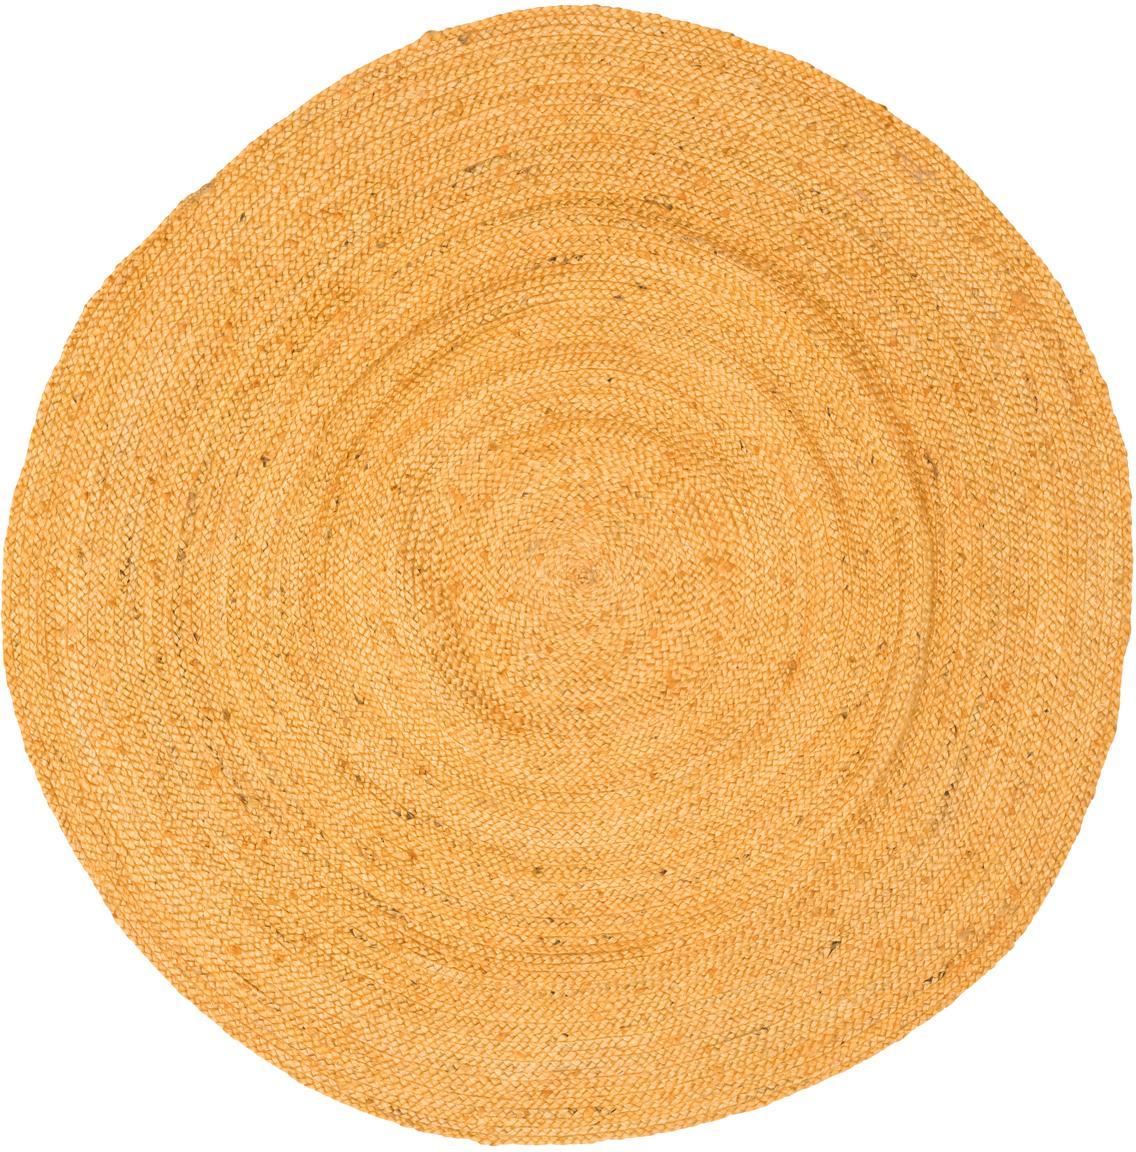 Runder Jute-Teppich Pampas in Gelb, 100% Jute, Gelb, Ø 150 cm (Grösse M)